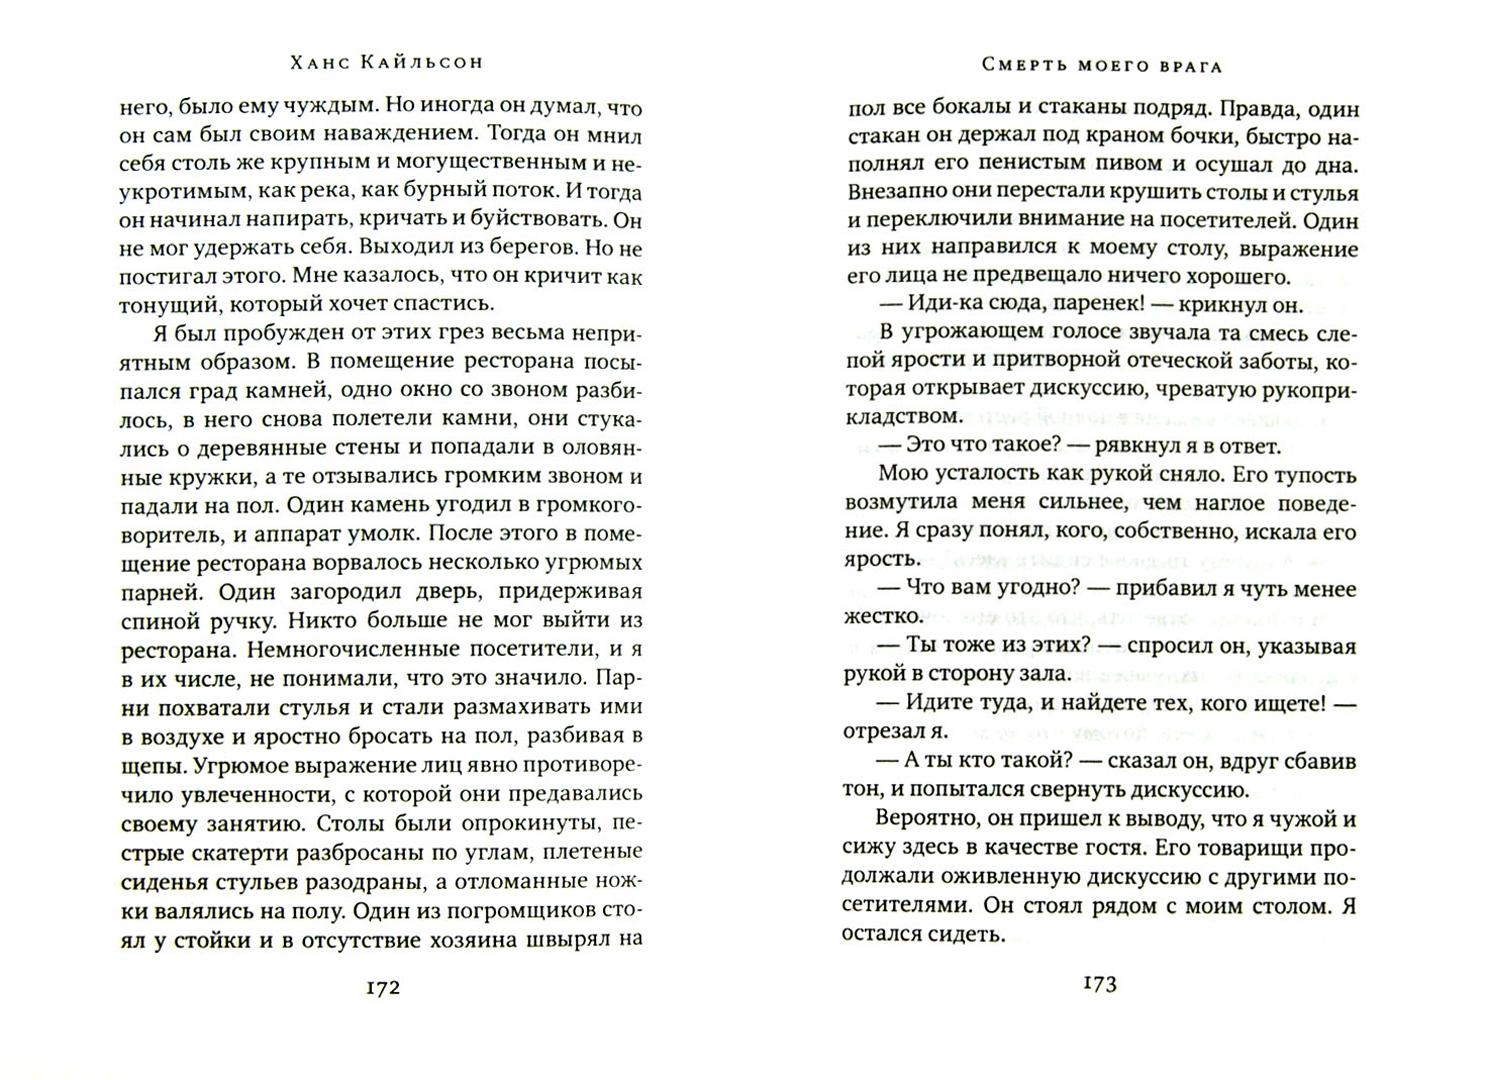 Иллюстрация 1 из 7 для Смерть моего врага - Ханс Кайльсон | Лабиринт - книги. Источник: Лабиринт